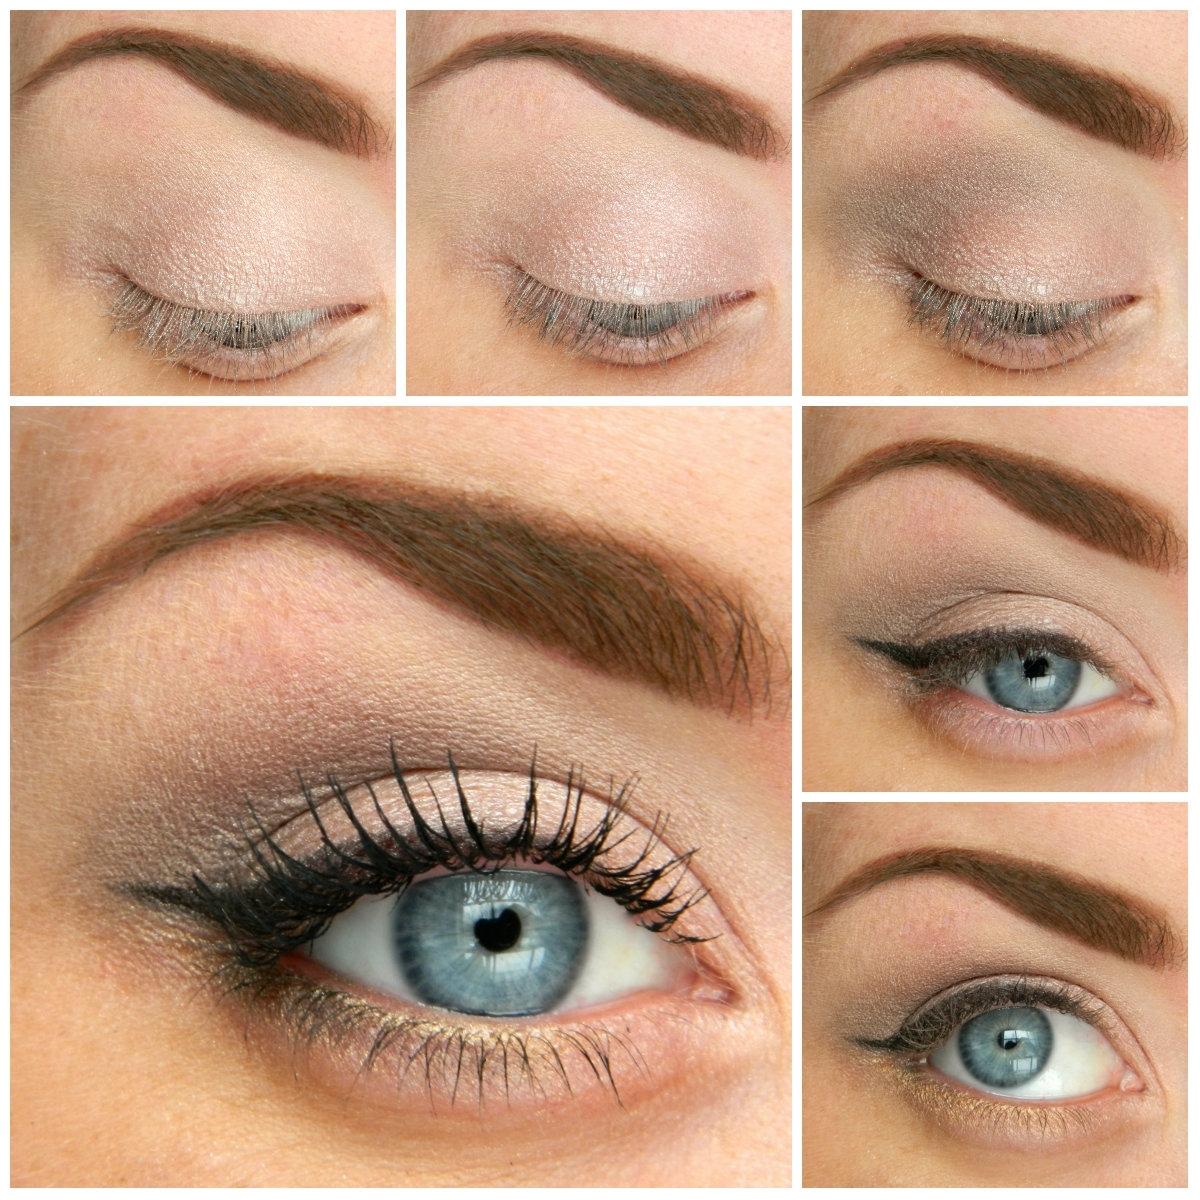 natural eye makeup for hazel eyes - page 4 - eyewear near me